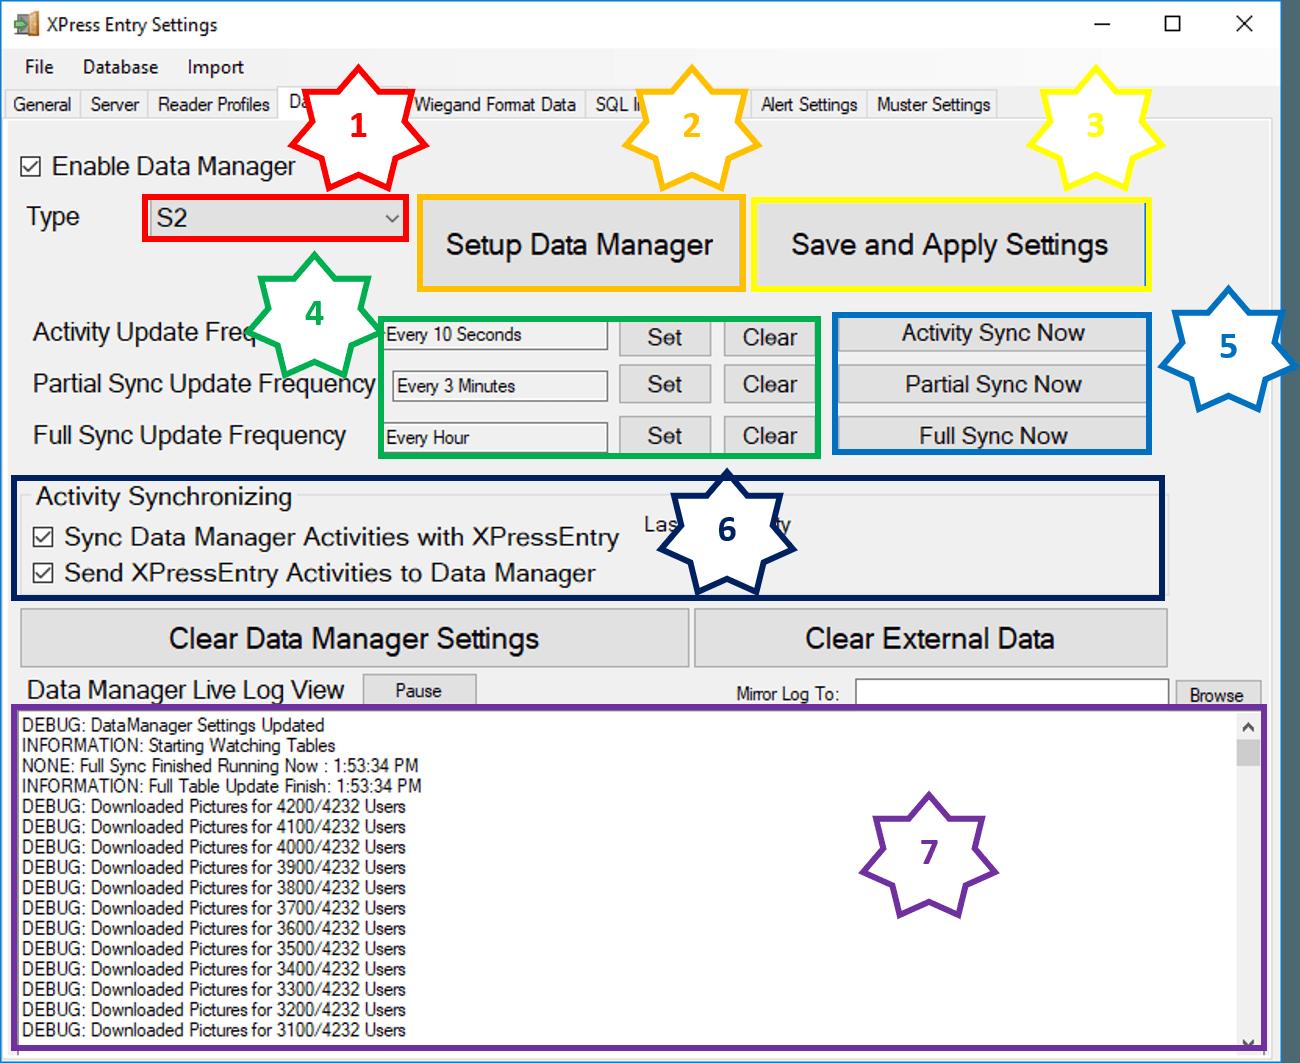 زبانه مدیریت داده s2 xpressentry